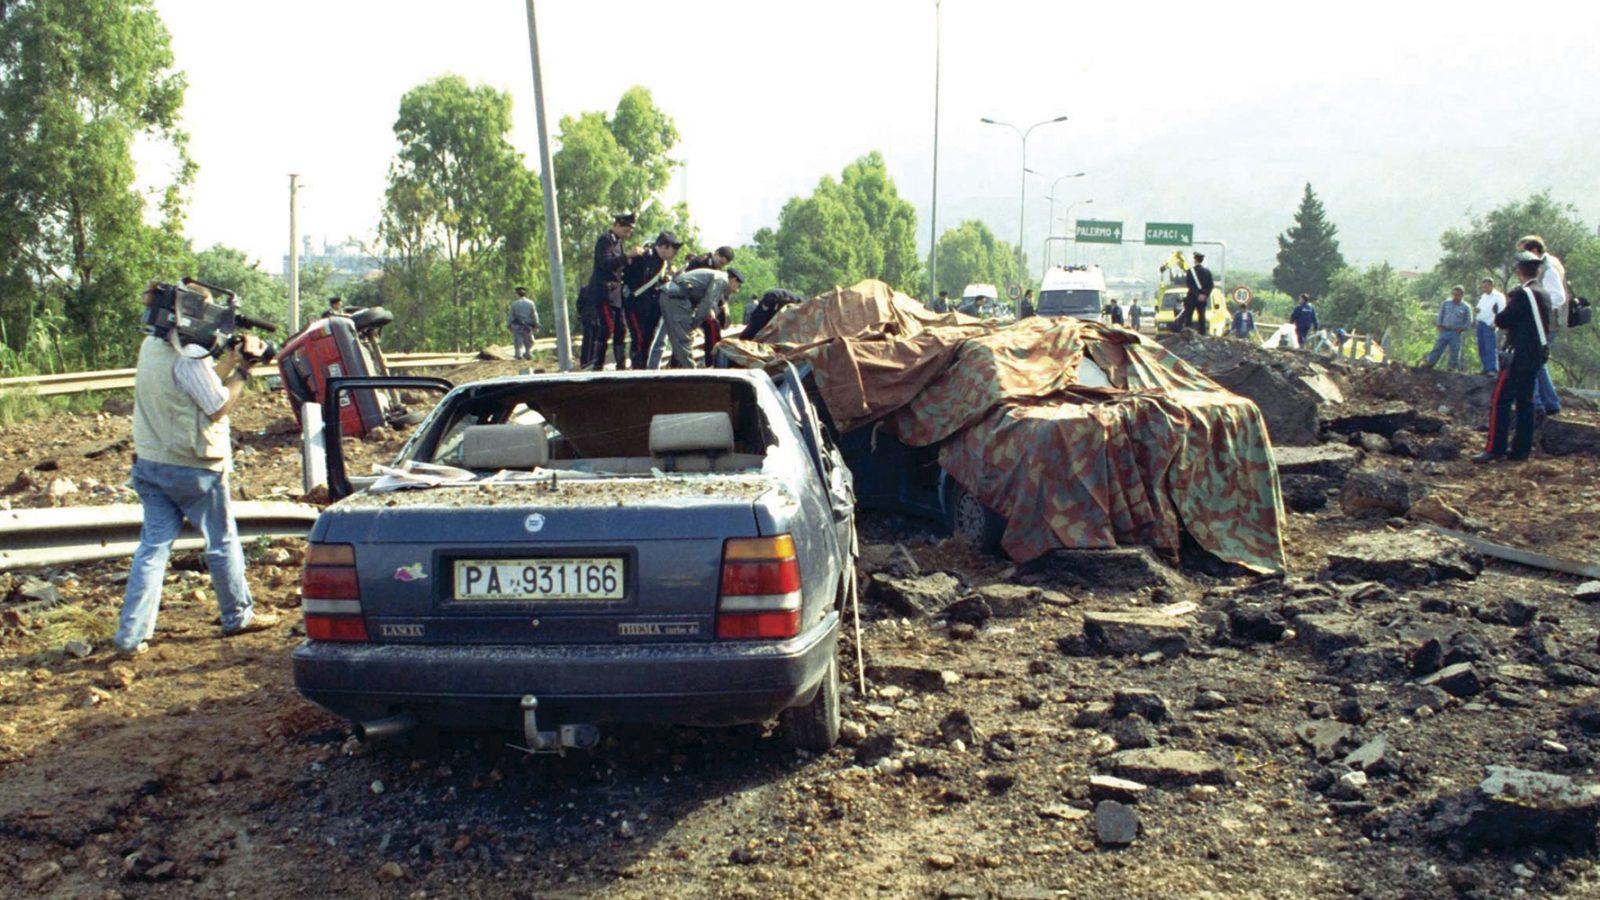 La strage di Capaci, Palermo, lungo l'autostrada A29 il 23 maggio 1992 (fonte: Ansa, La strada racconta, 2018)